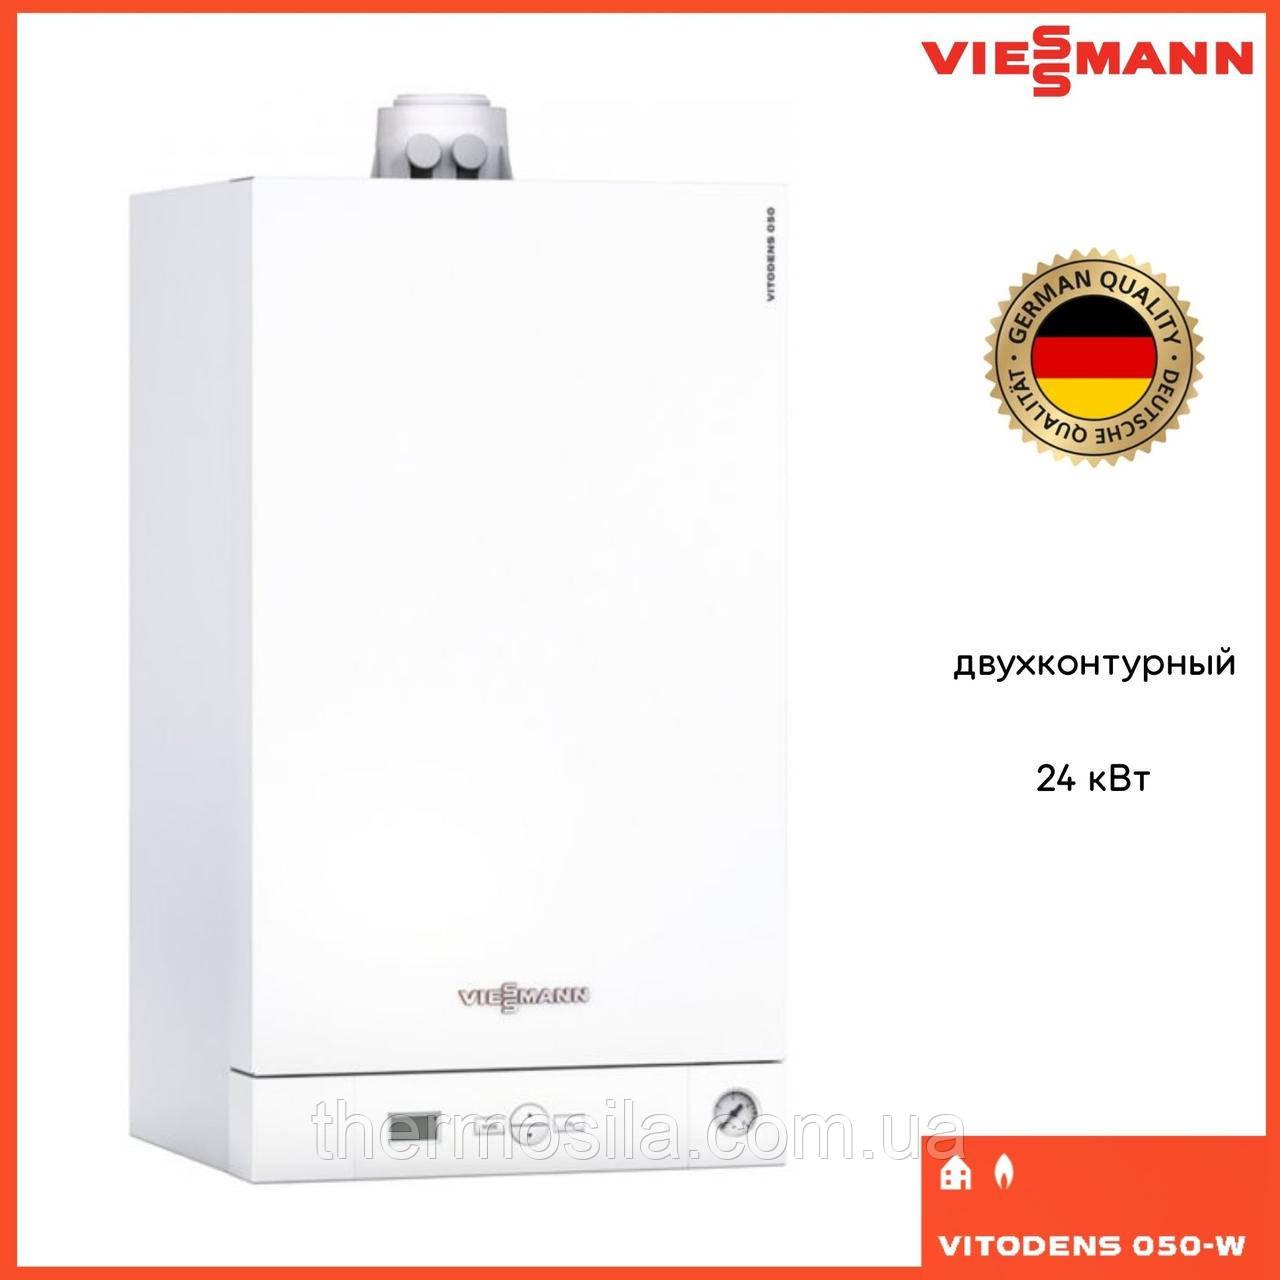 Газовий двоконтурний котел Viessmann Vitodens 050-W BPJC 24кВт турбований